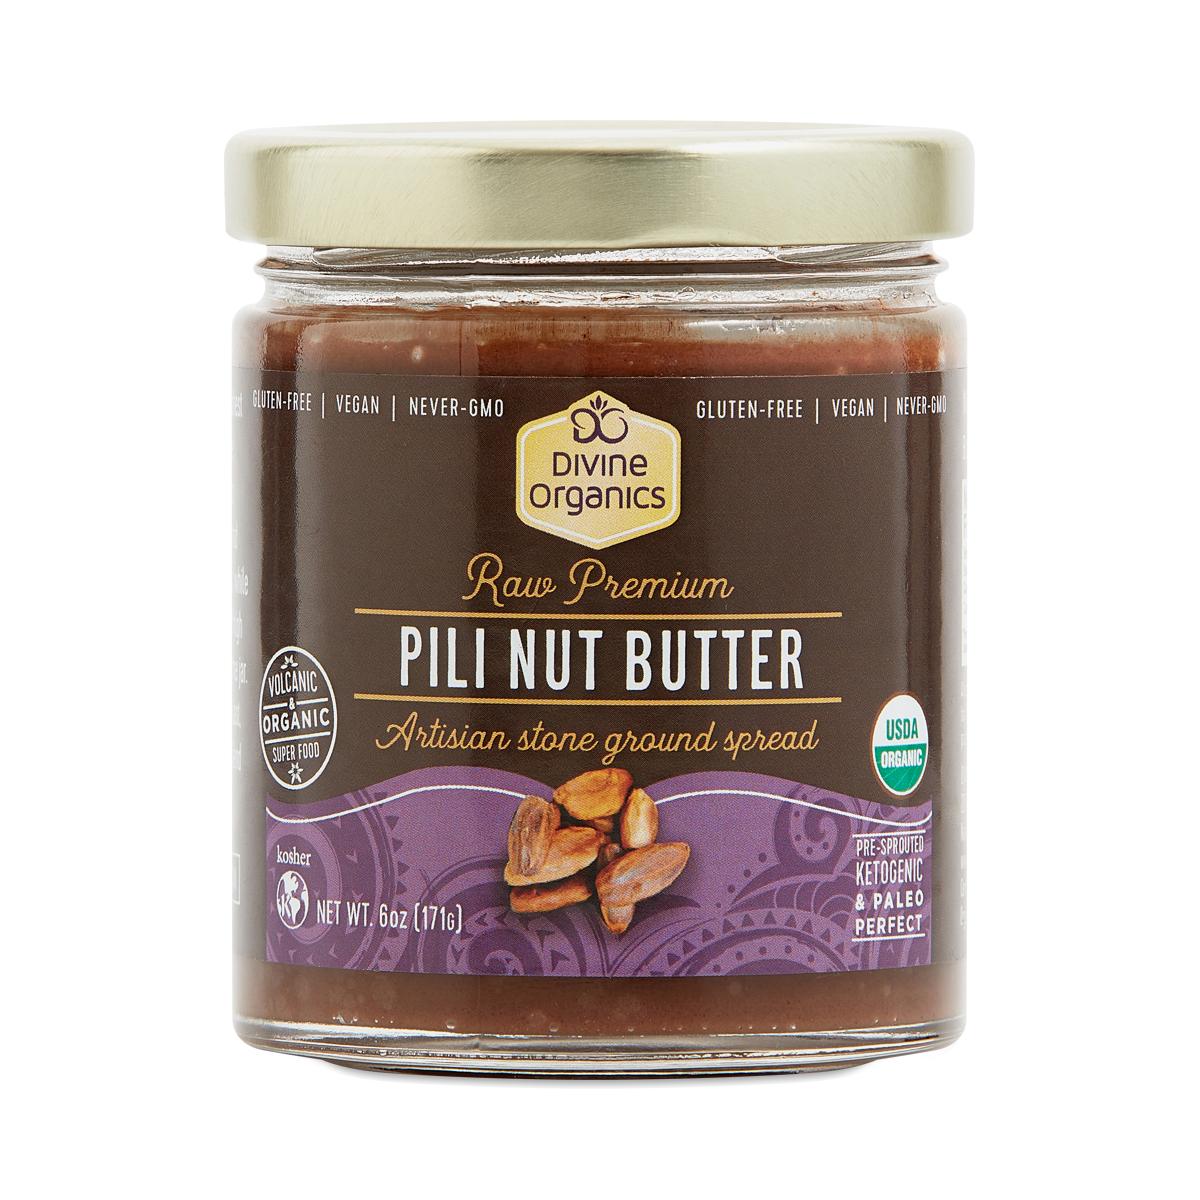 Divine Organics Organic Pili Nut Butter 6 oz jar